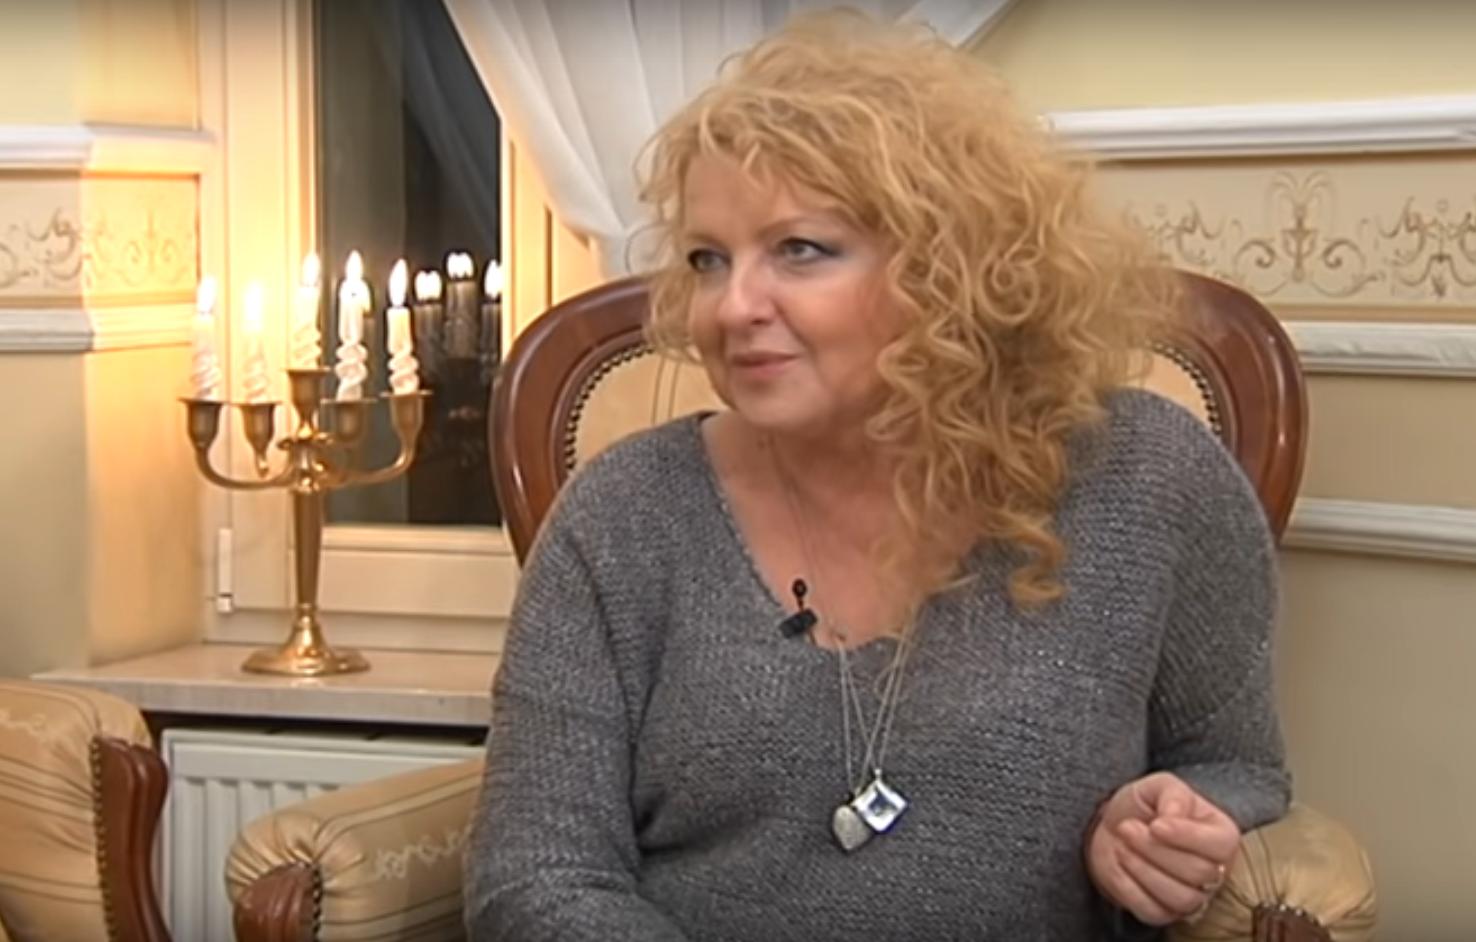 Magda Gessler (Kuchenne rewolucje, TVN) właśnie obchodzi urodziny, fani zauważyli dziwne zachowanie, czy była pijana? Opublikowała zdjęcie na Instagram.